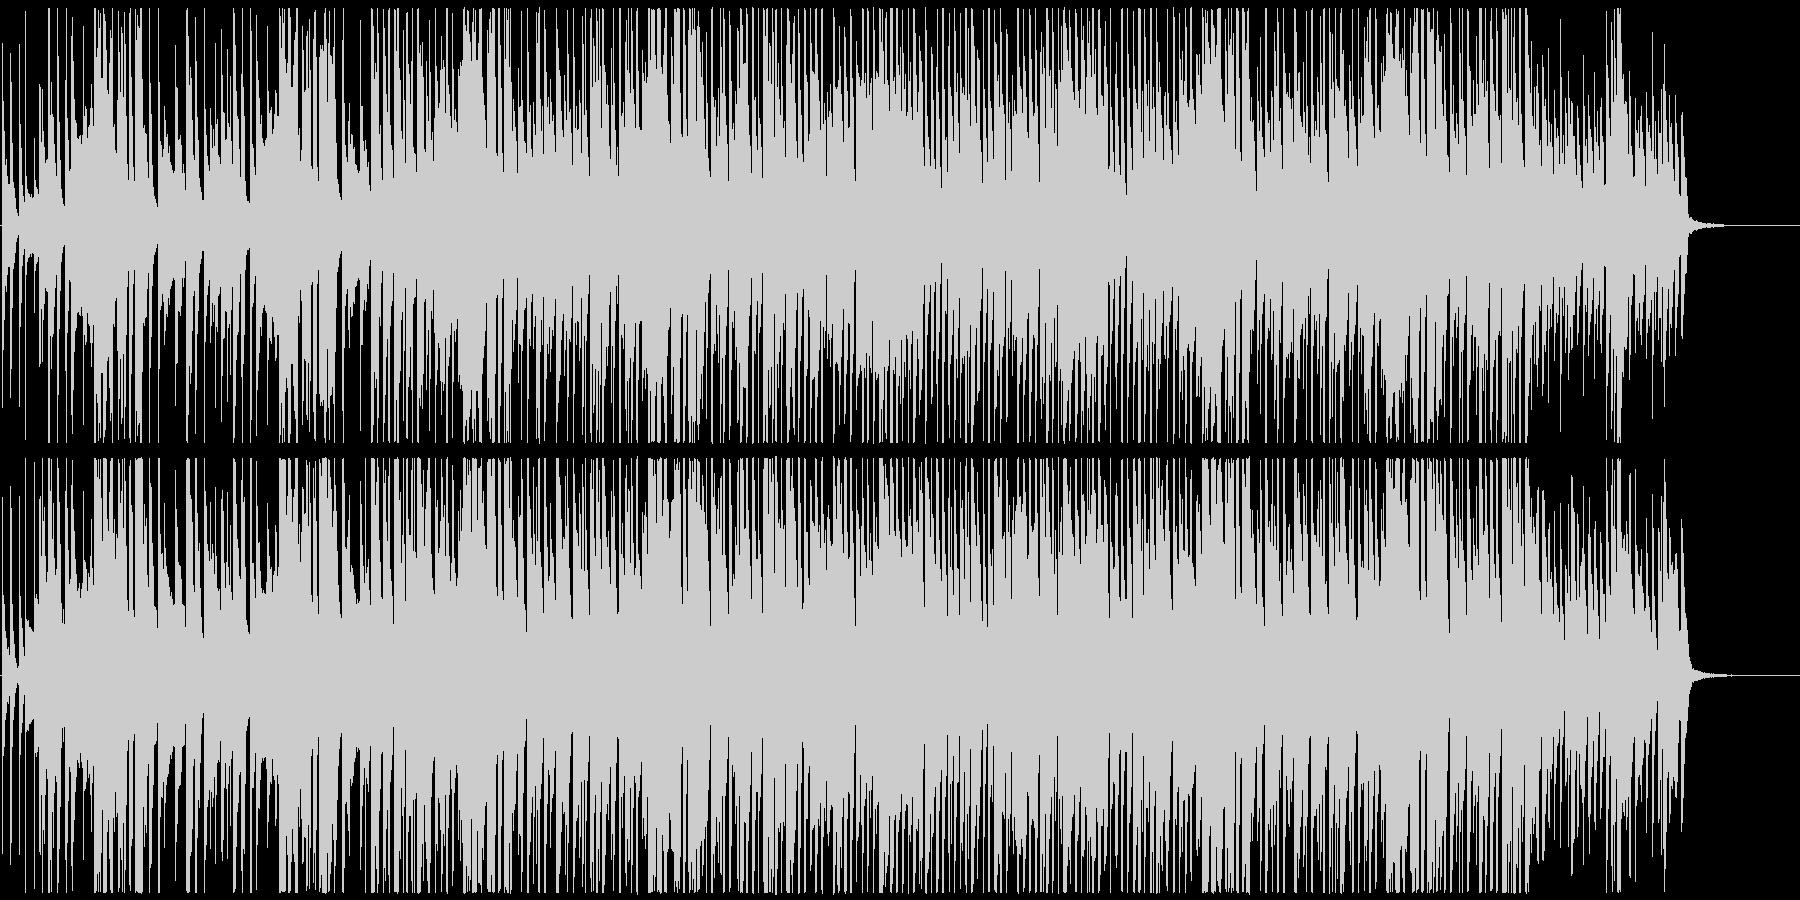 超どストレートなインストポップス!の未再生の波形